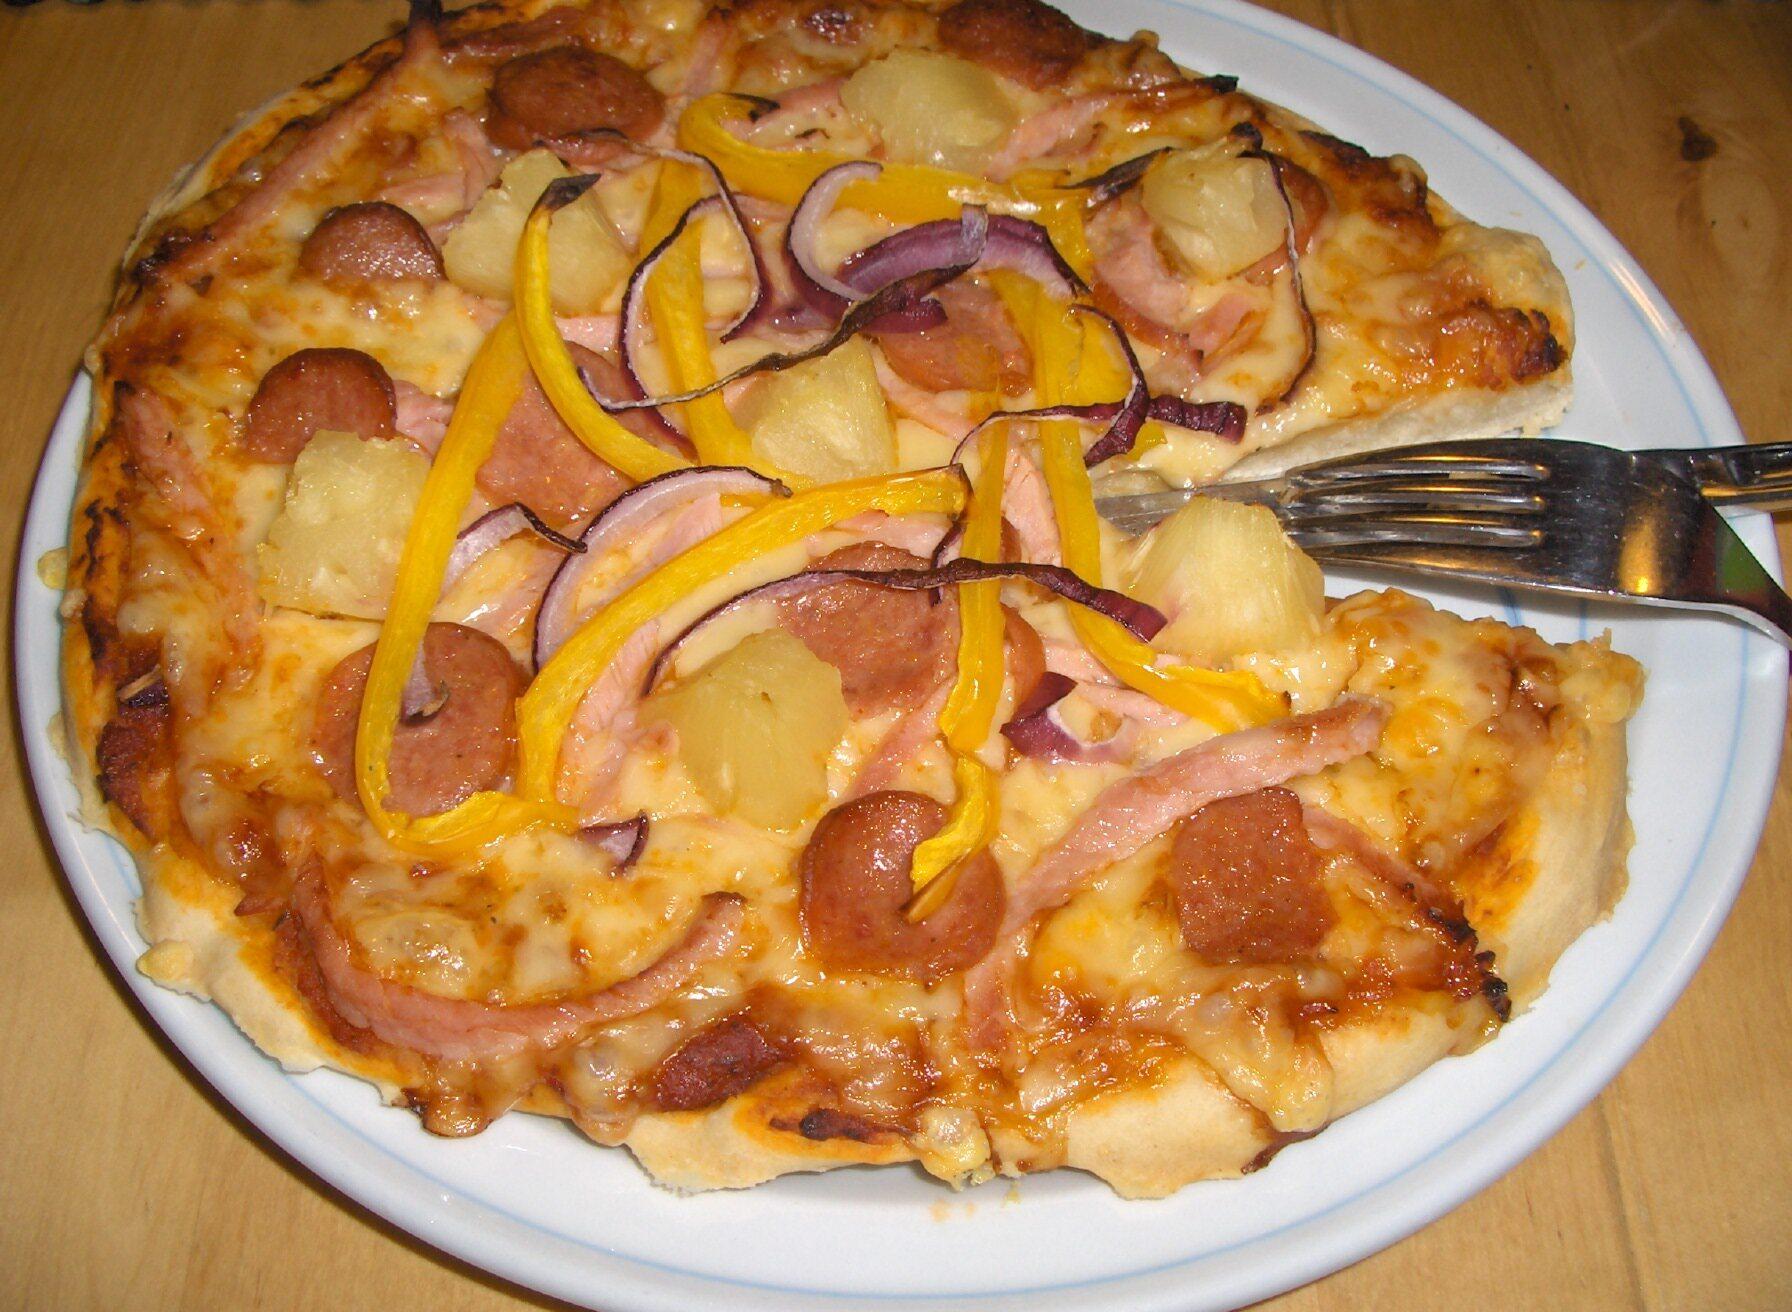 Kossans Gi-pizza